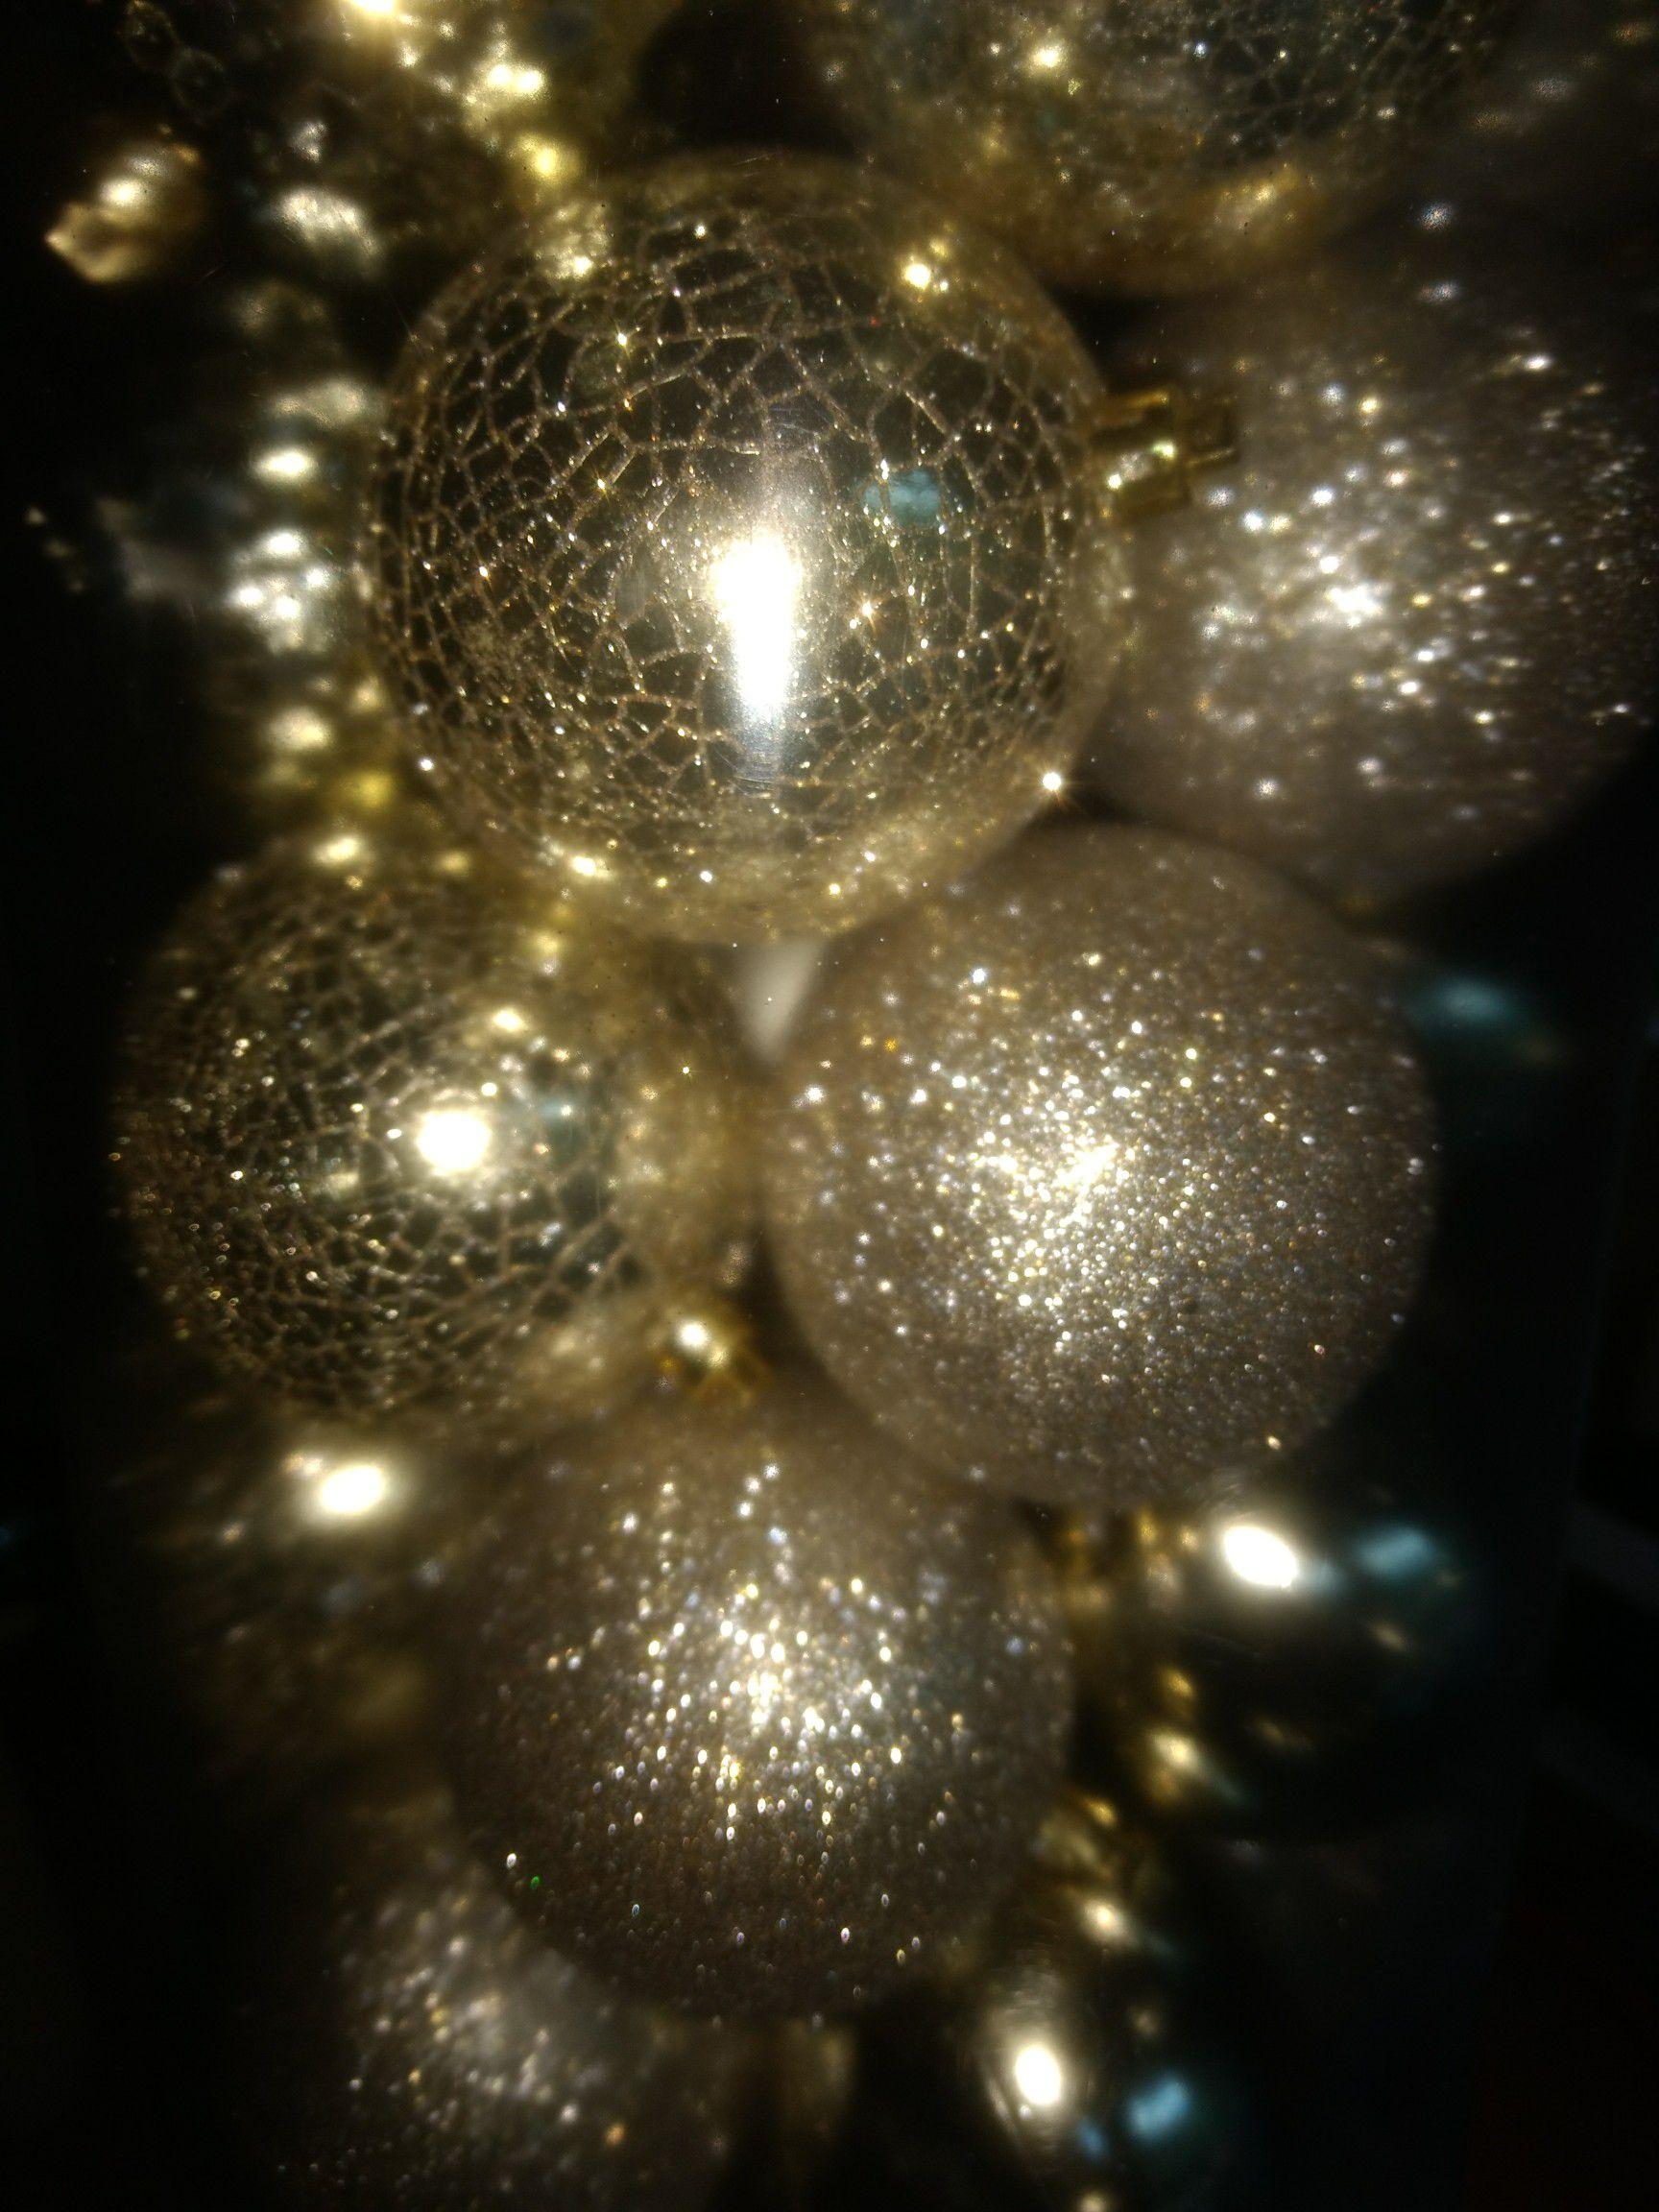 75 ornaments